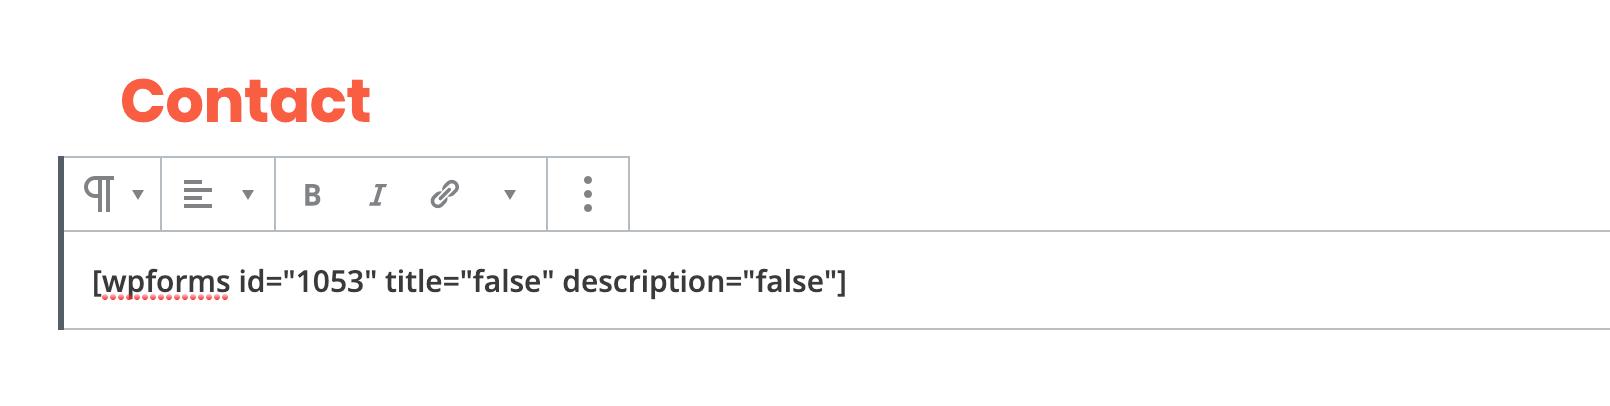 Agregue el shortcode del formulario y haga clic en Publicar.